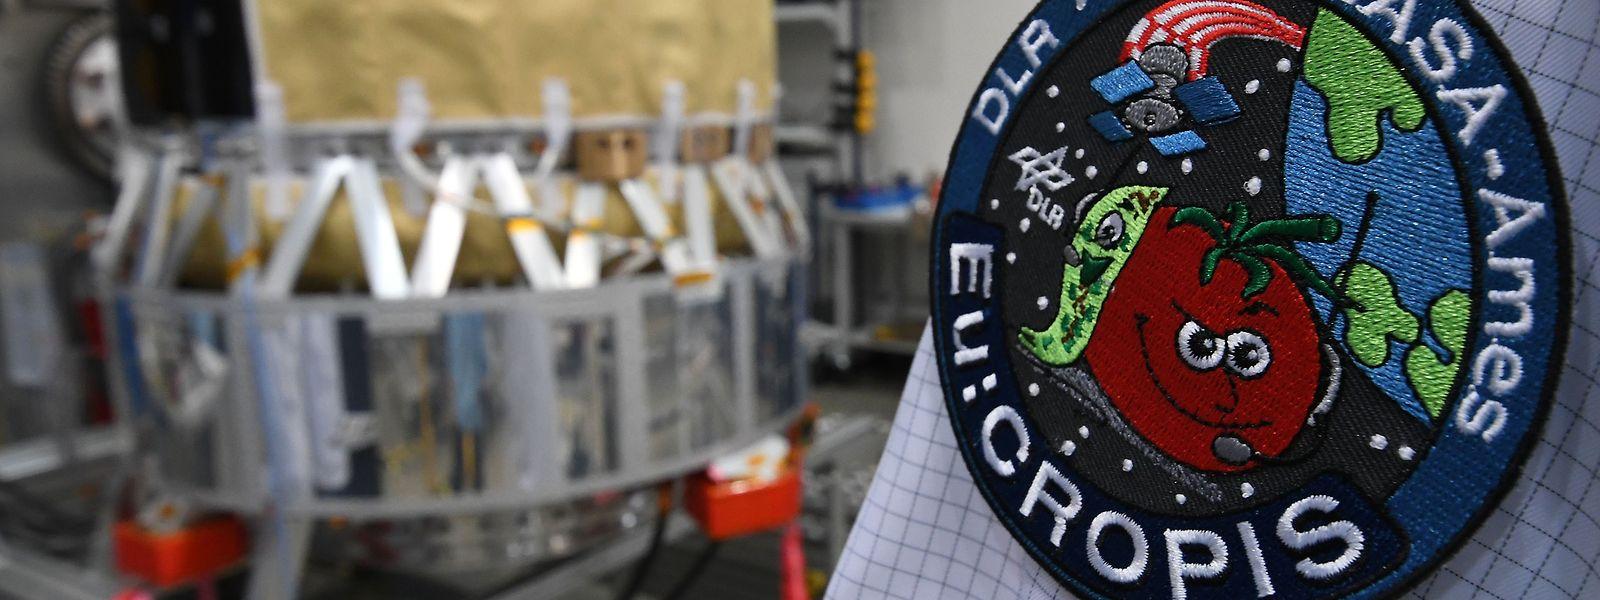 Ein Ingenieur steht im Deutschen Zentrum für Luft-und Raumfahrt (DLR) mit seinem Projektsticker am Arm an einem Forschungssatelliten, der als fliegendes Gewächshaus um die Erde kreisen soll.